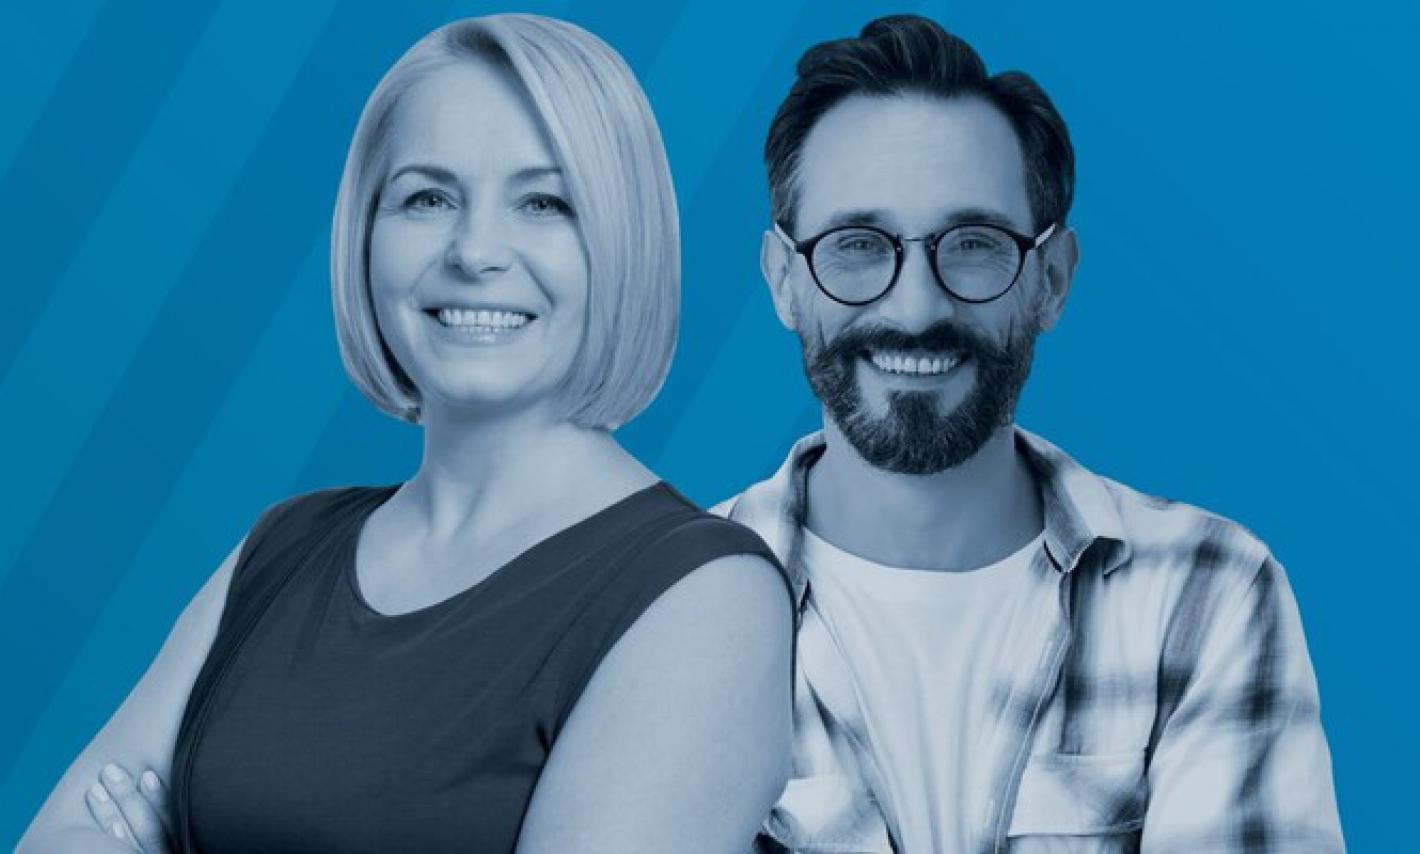 plakat promujący nabór na rachmistrzów spisowych, na plakacie dwie usmiechnięte osoby